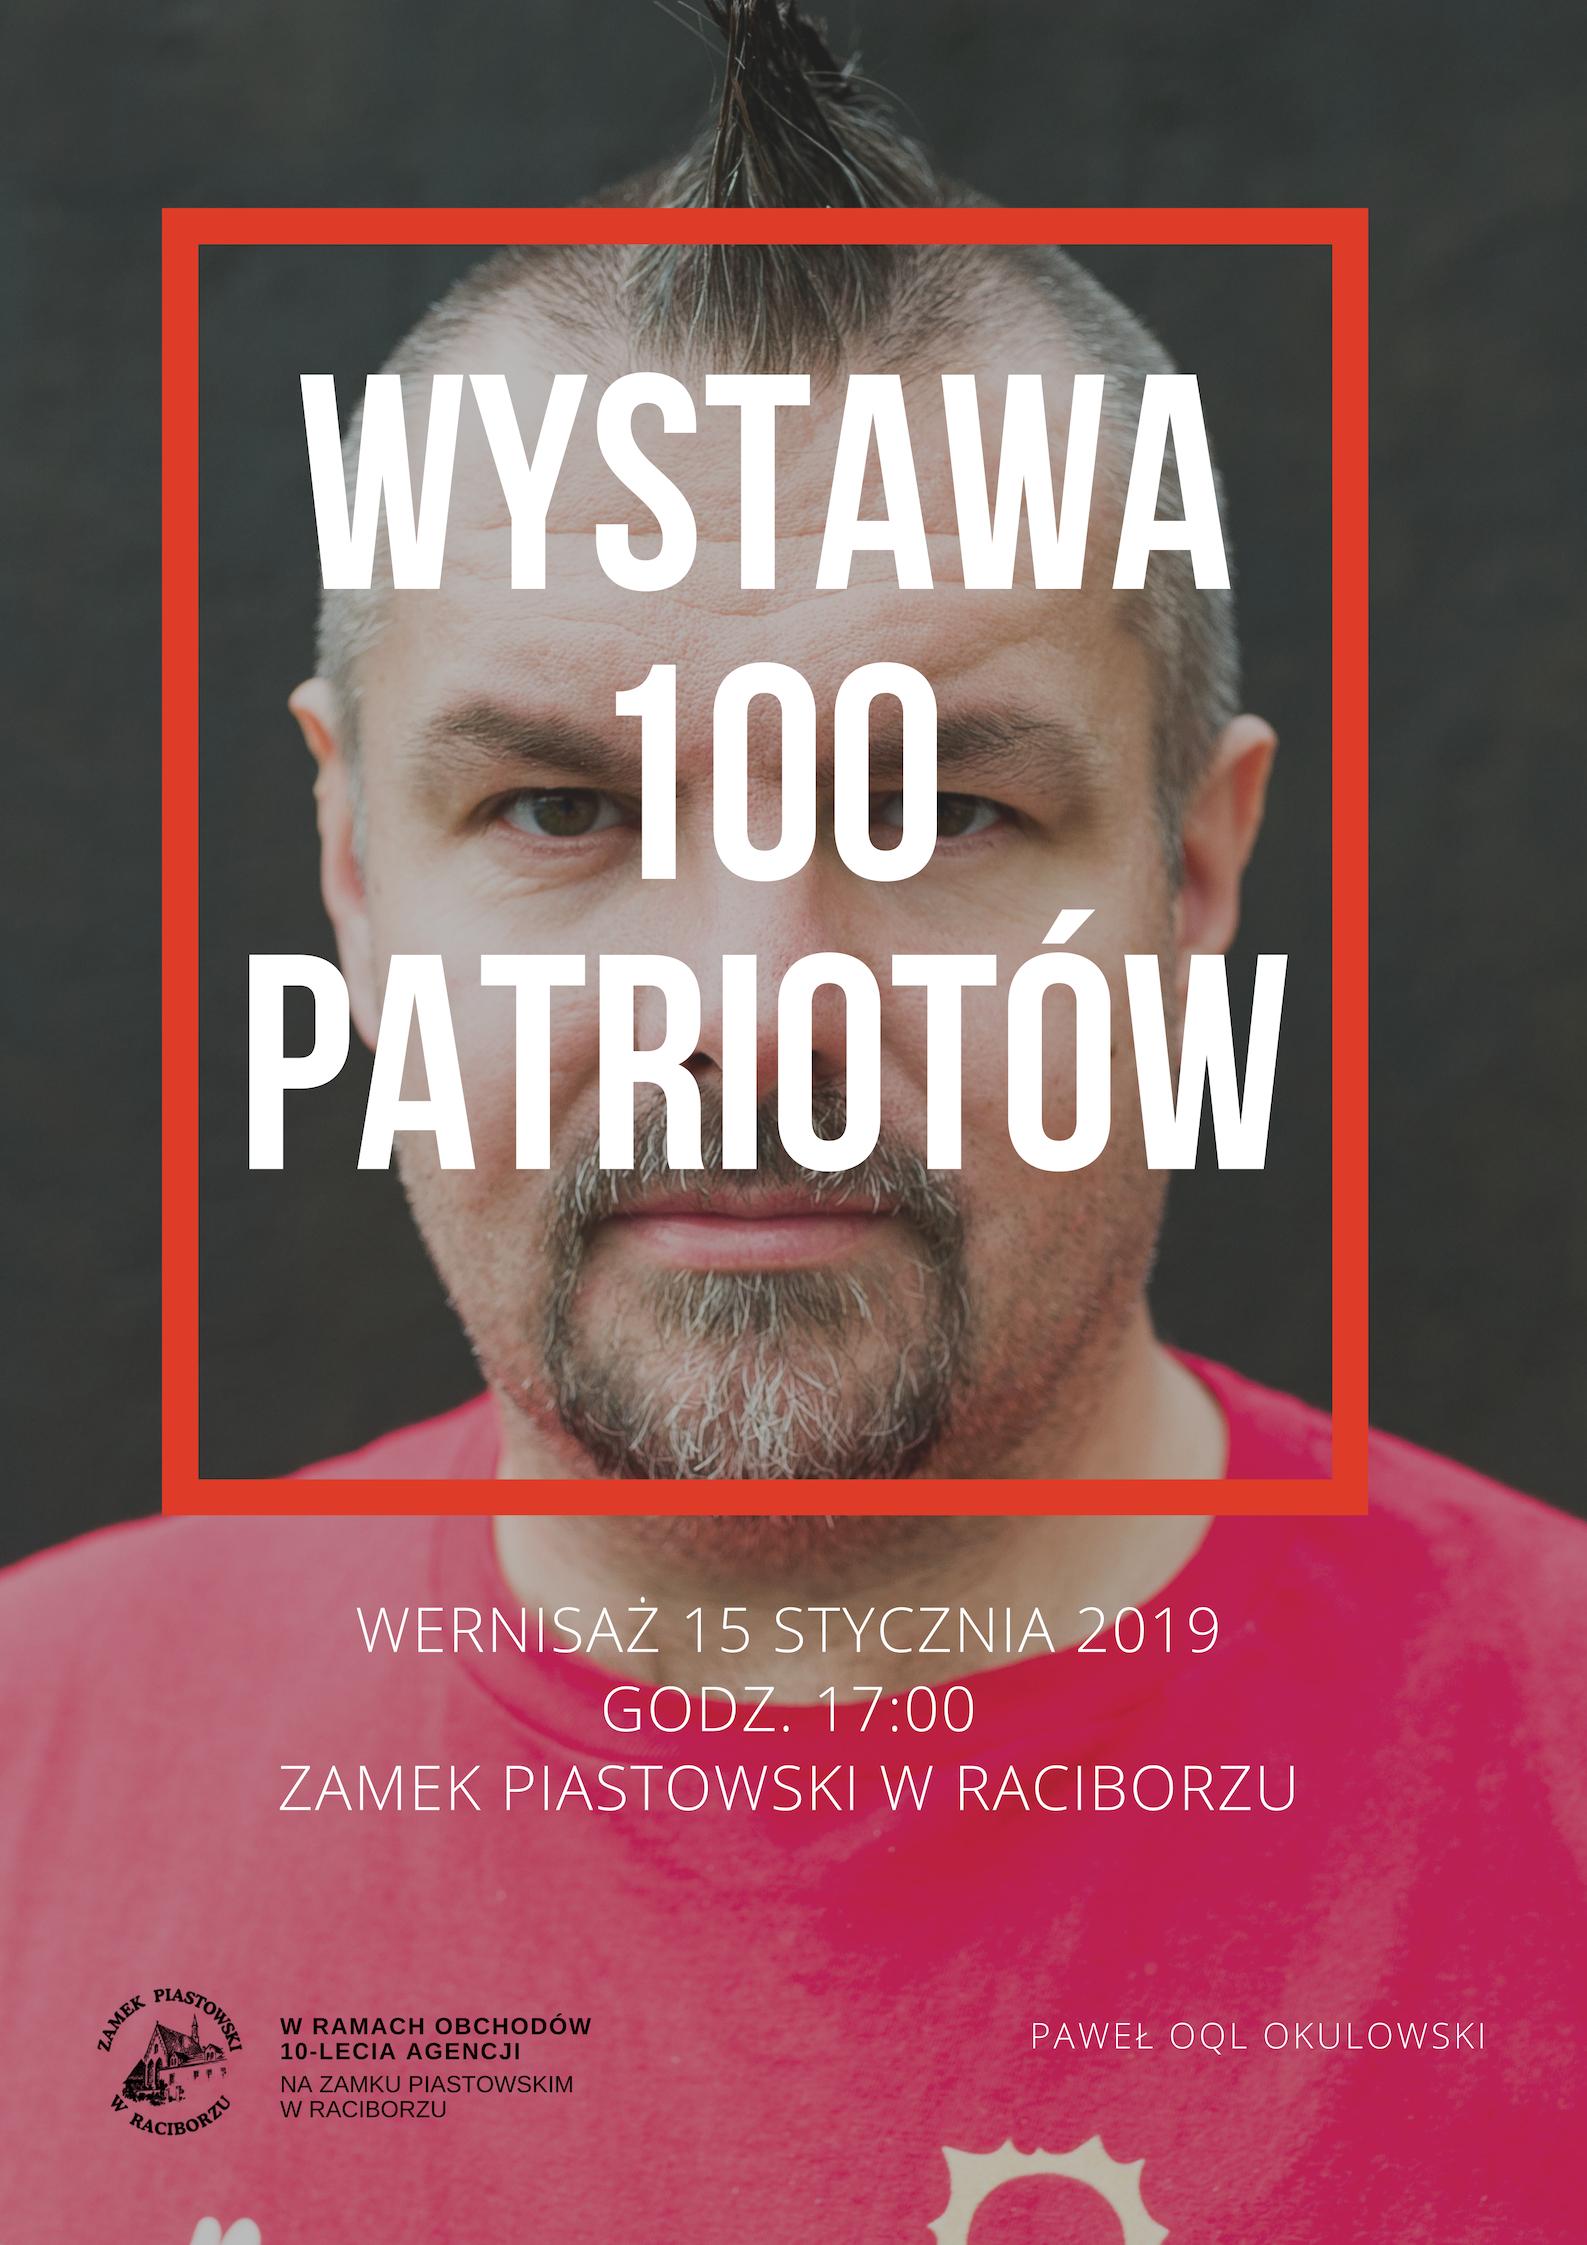 wystawa Pawel Okulowski 100 patriotow